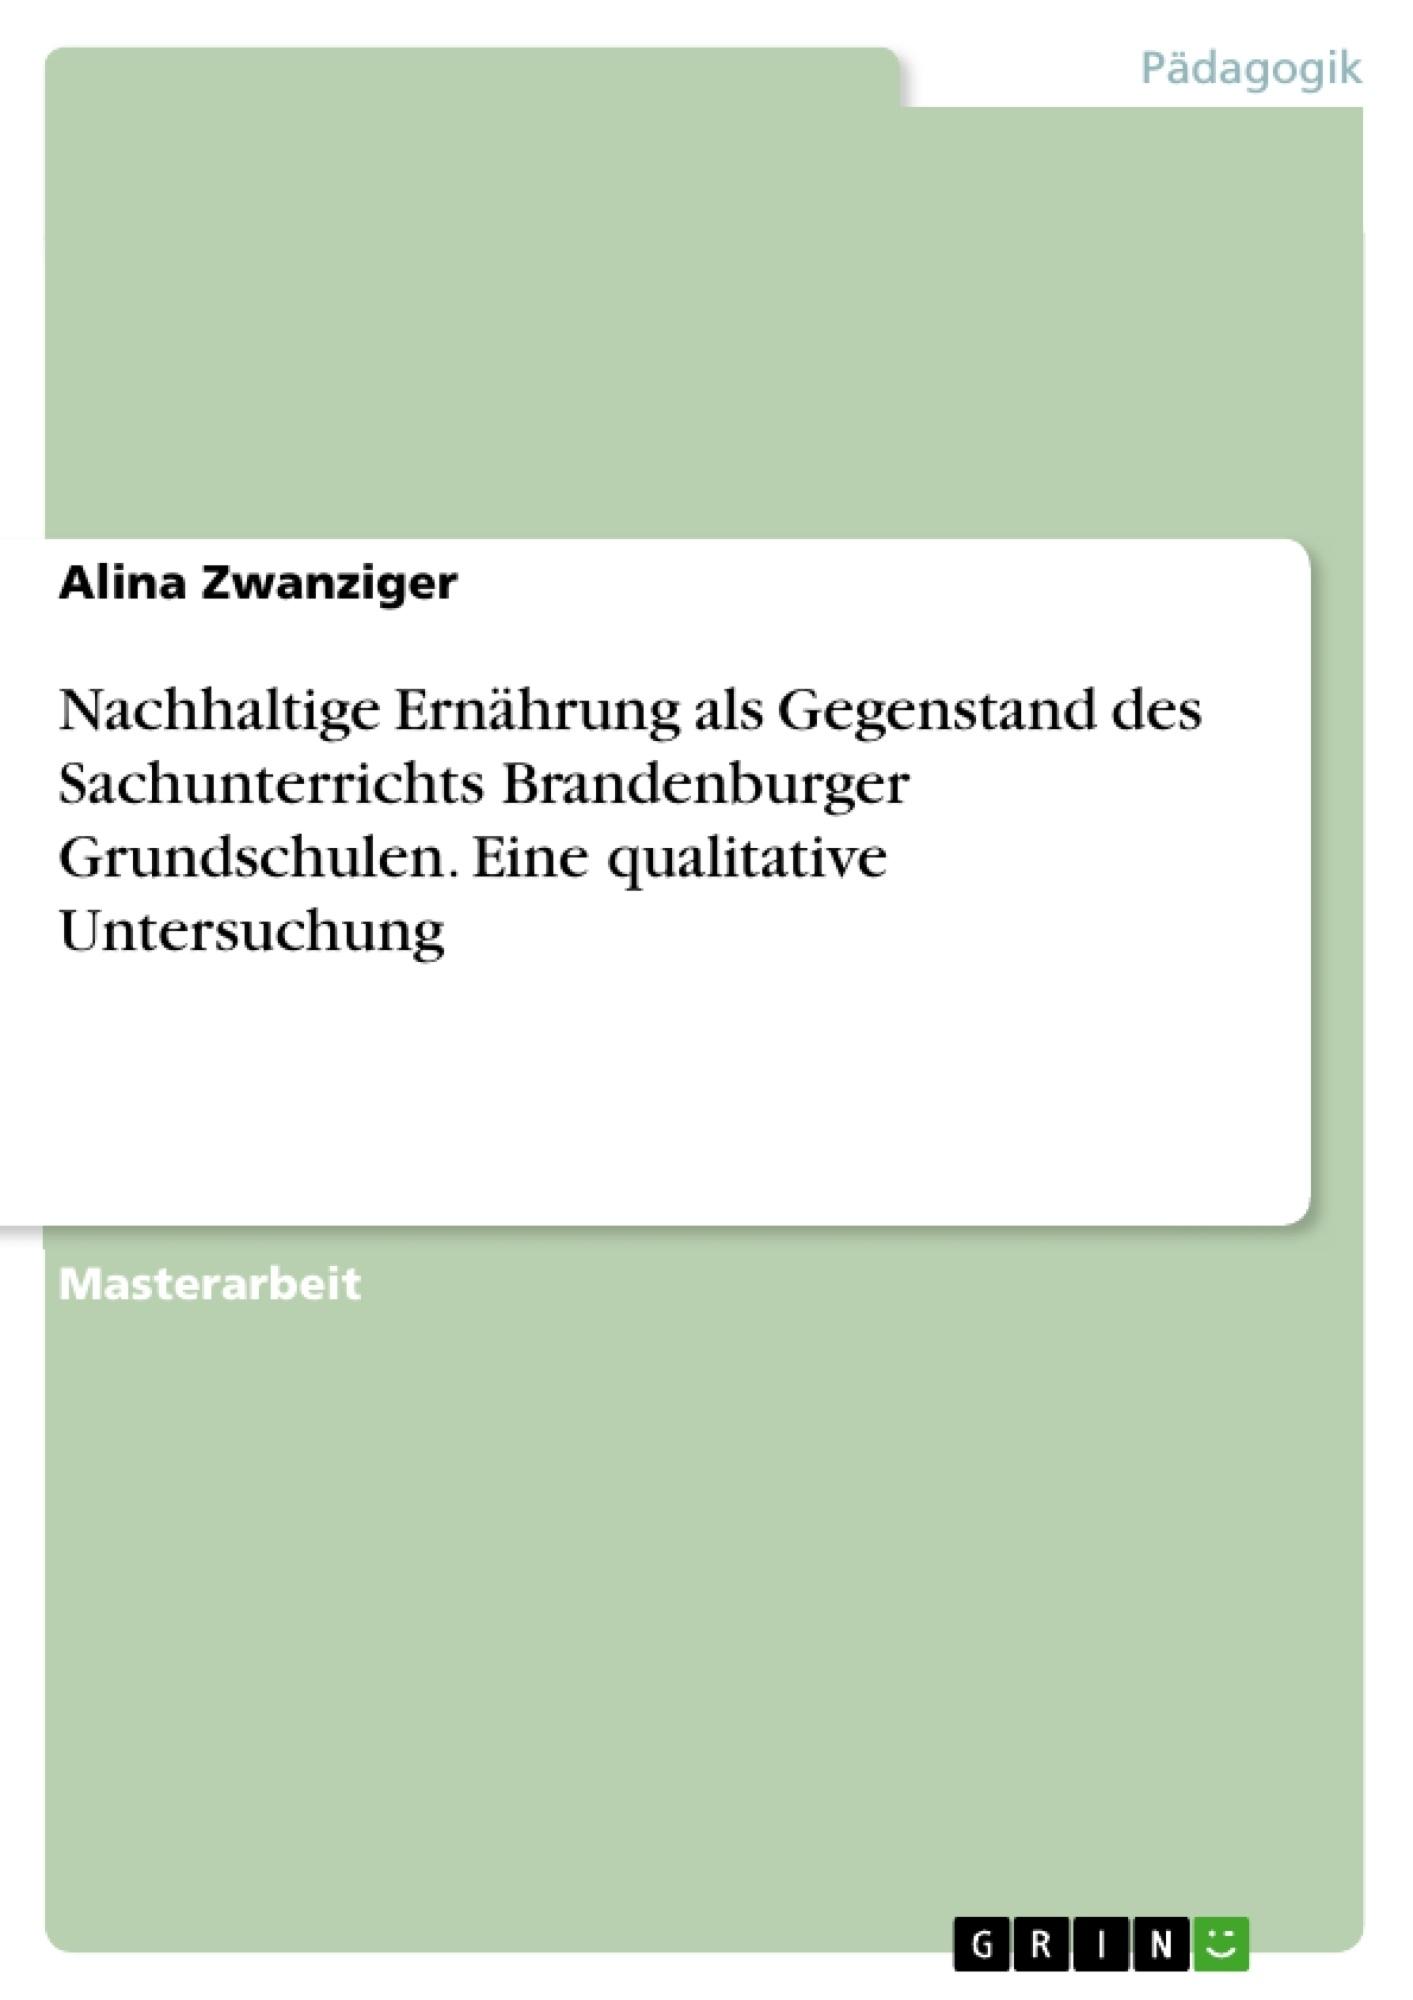 Titel: Nachhaltige Ernährung als Gegenstand des Sachunterrichts Brandenburger Grundschulen. Eine qualitative Untersuchung